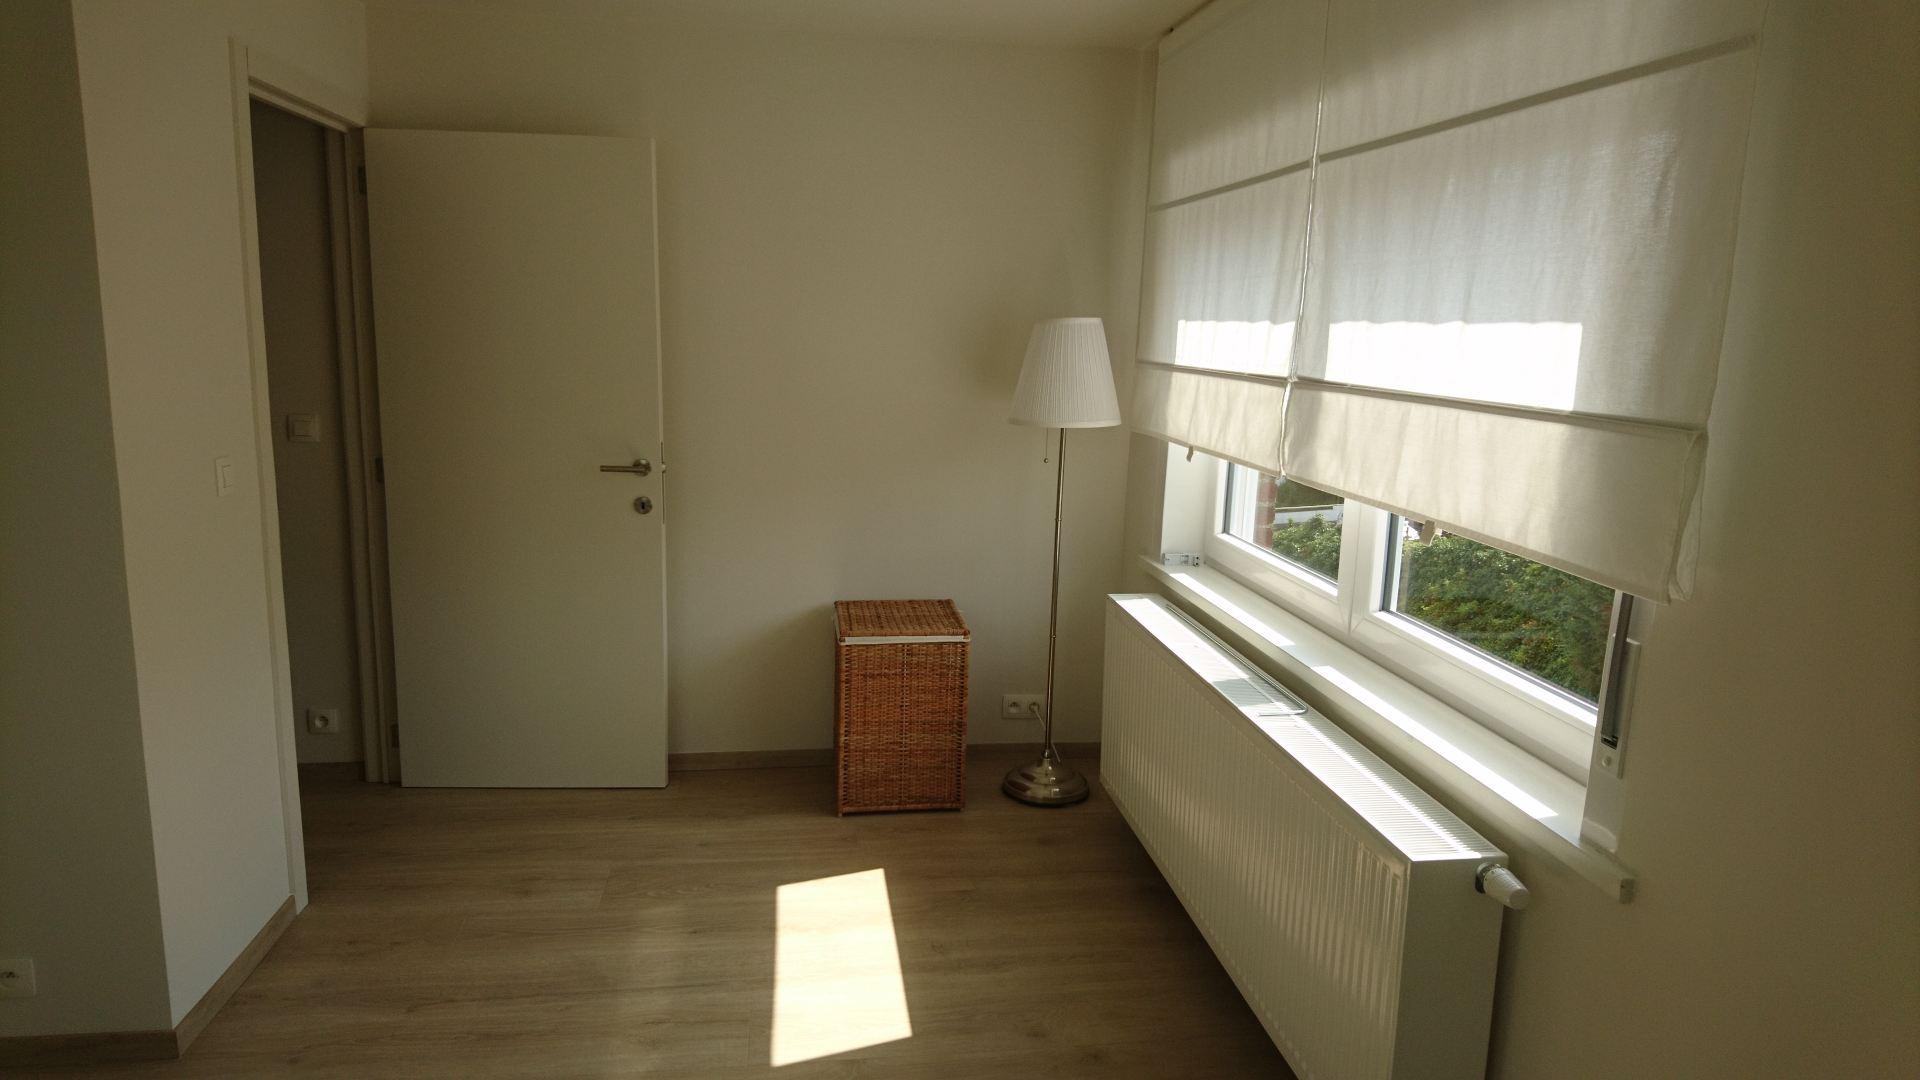 Renovatie van zolderruimte in 2 kamers en 1 badkamer en gang - De ...